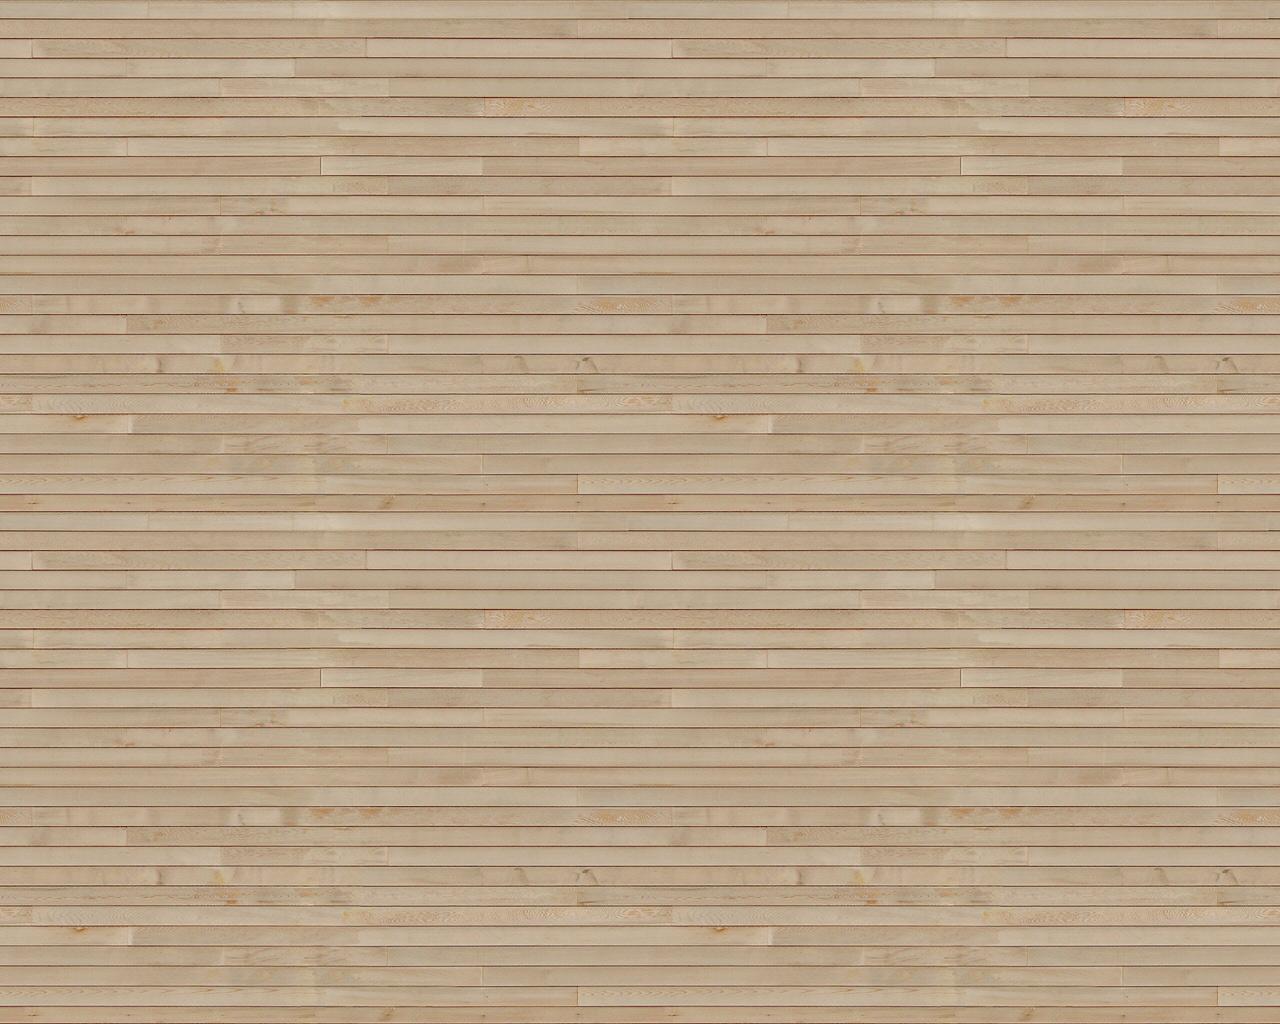 Wood Floor Texture wallpaper  8x8  #8